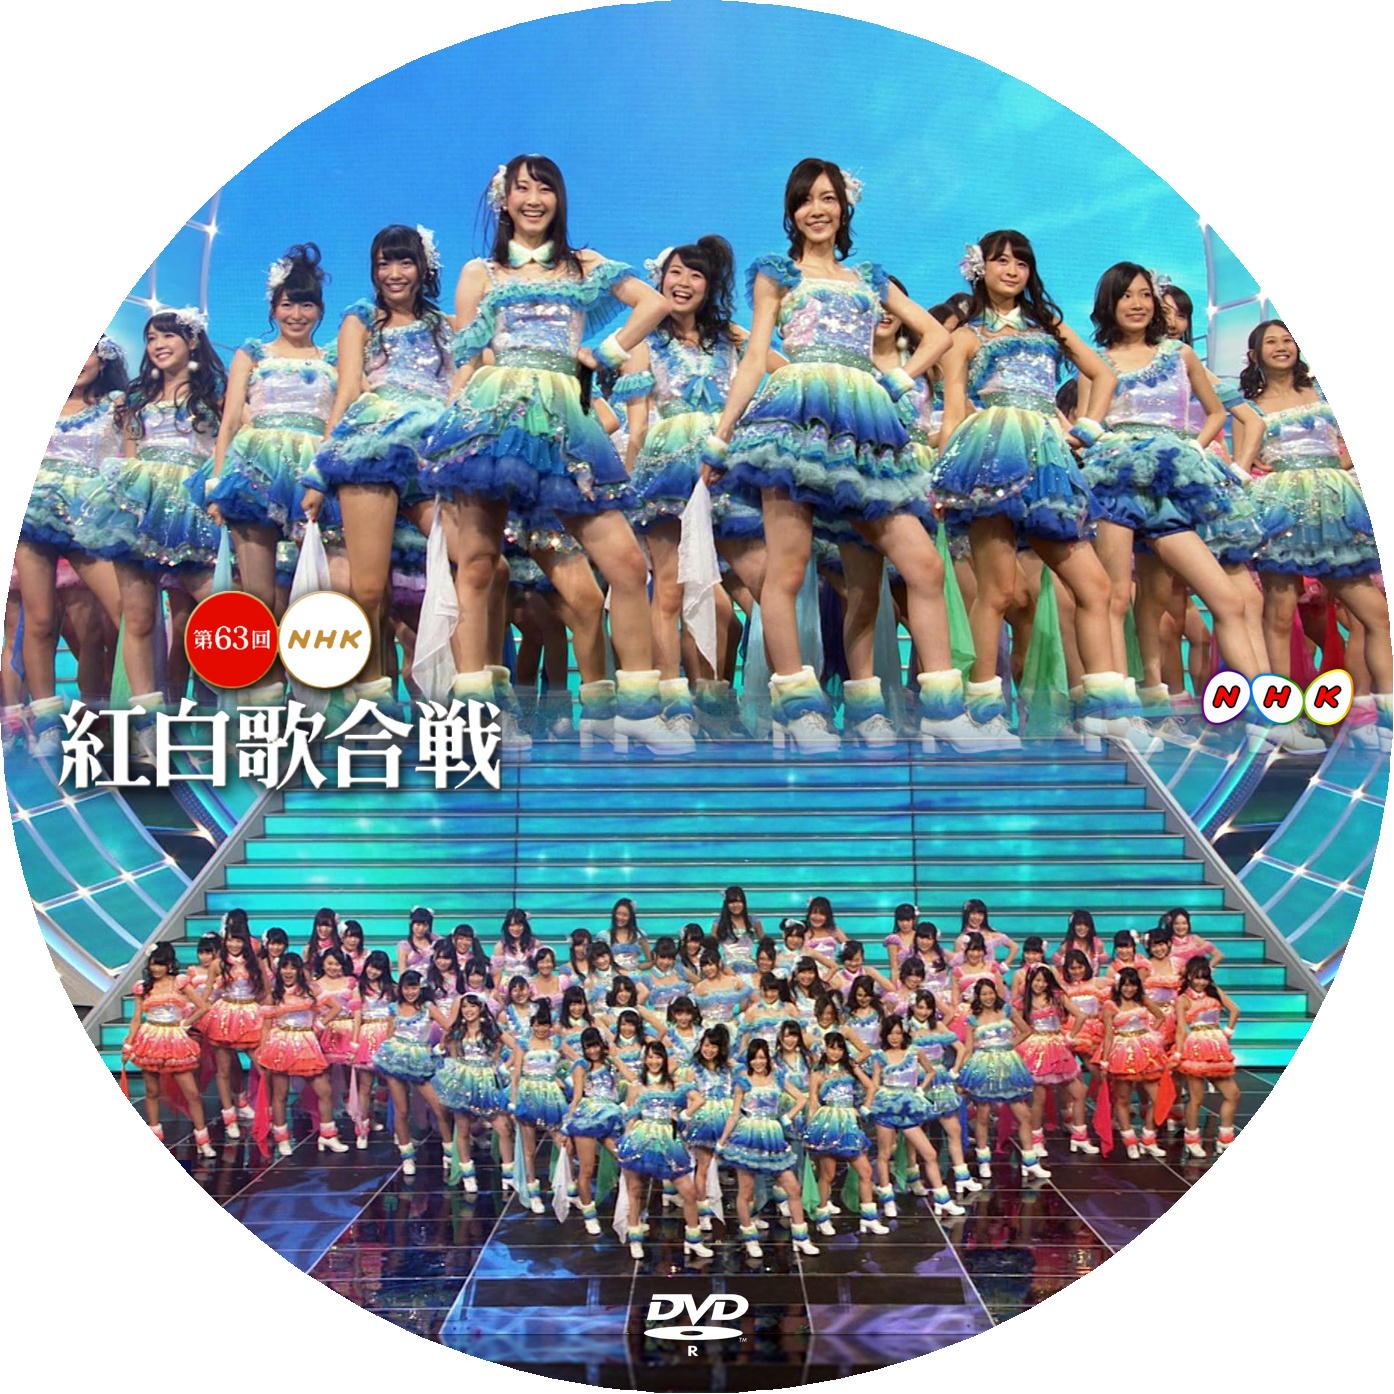 紅白歌合戦 2012 SKE48 DVD